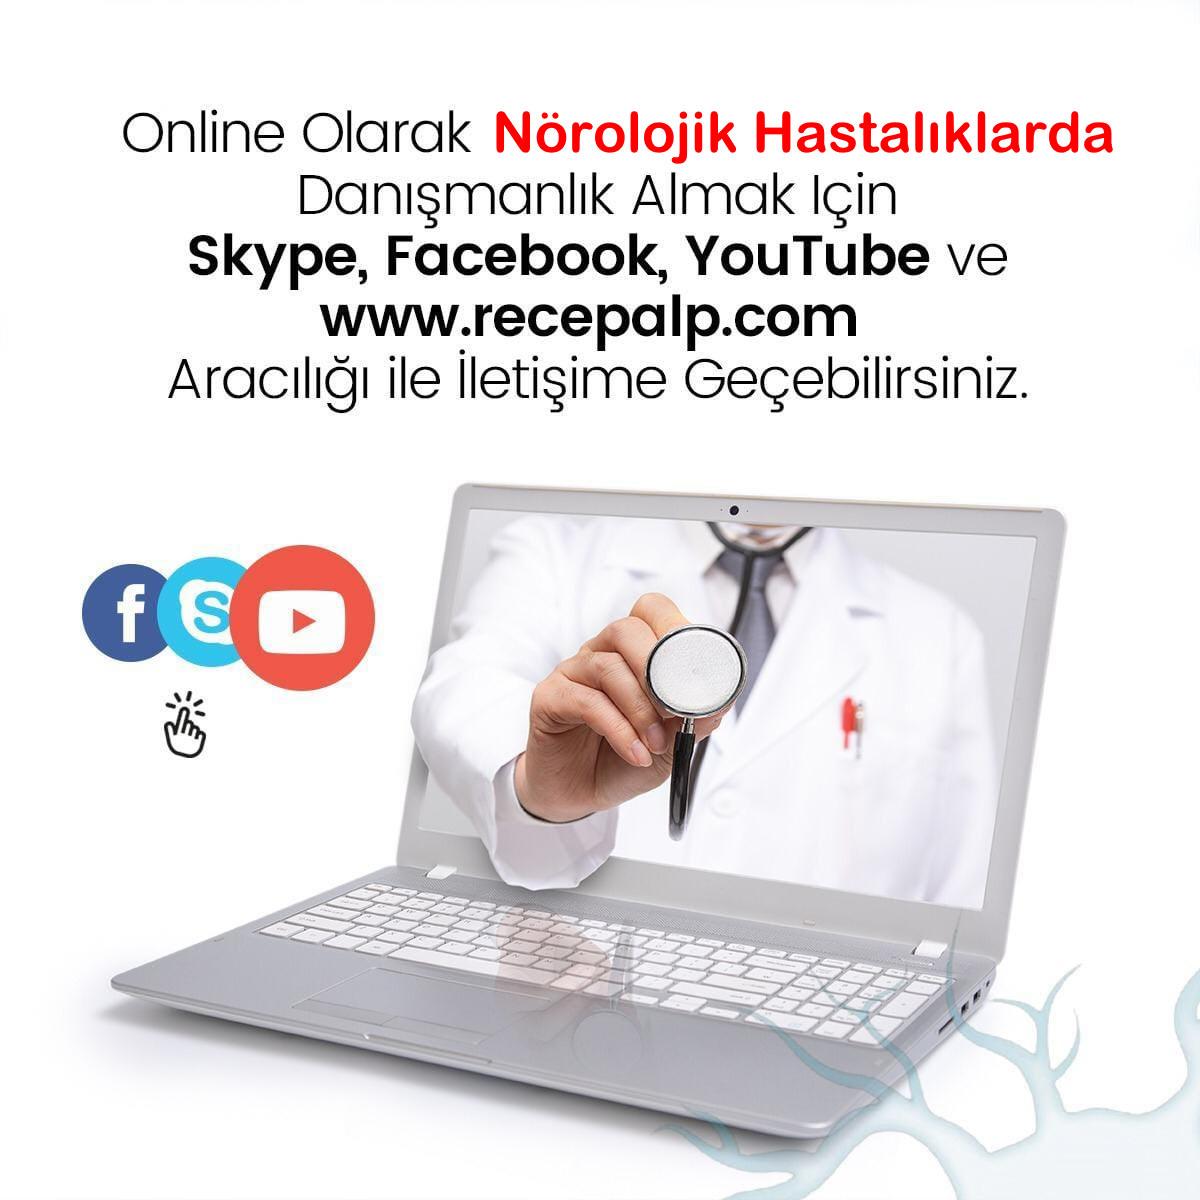 norol-onlinez